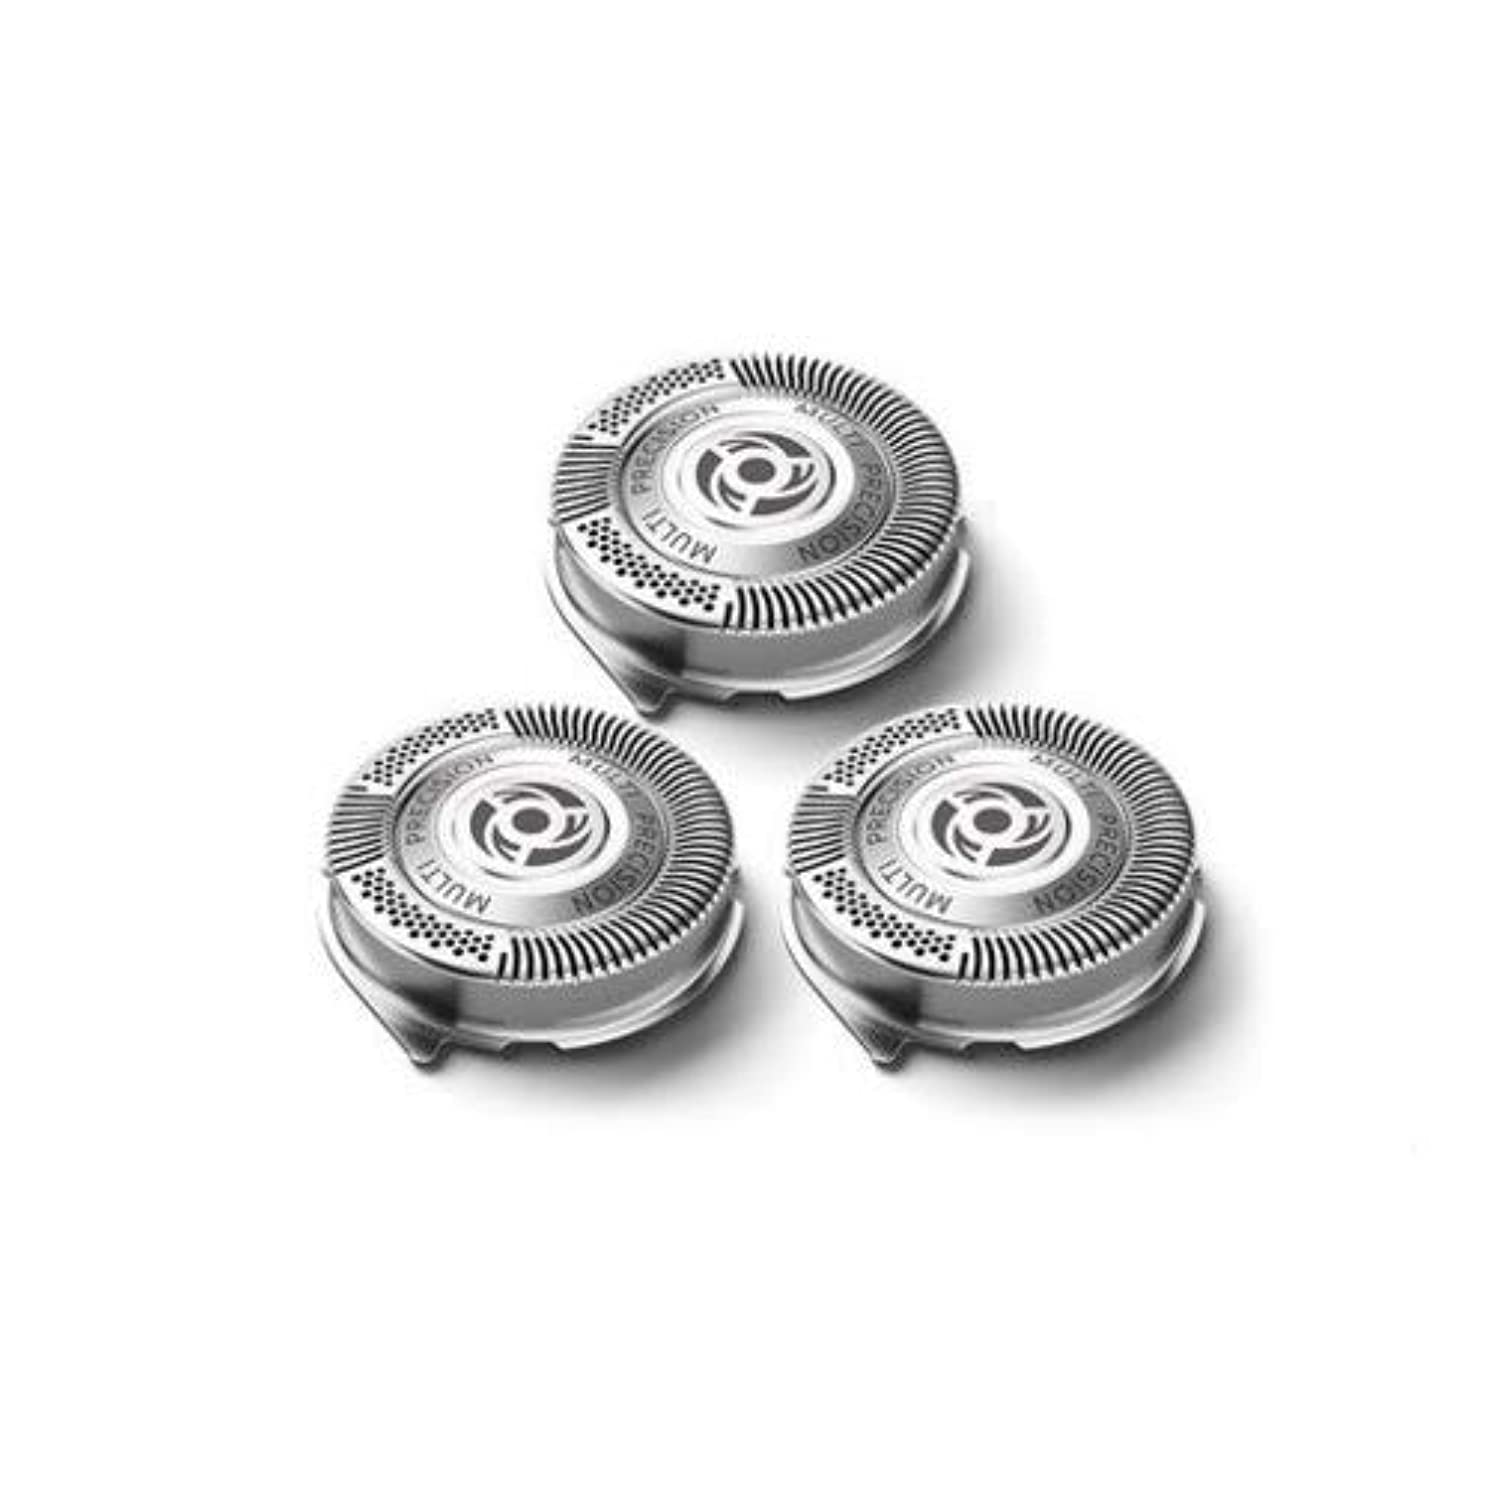 ストラップブランデー詐欺師シェーバーカミソリヘッド交換 替え刃 に適用するPhilips SH50 DualPrecisionヘッド(3個)